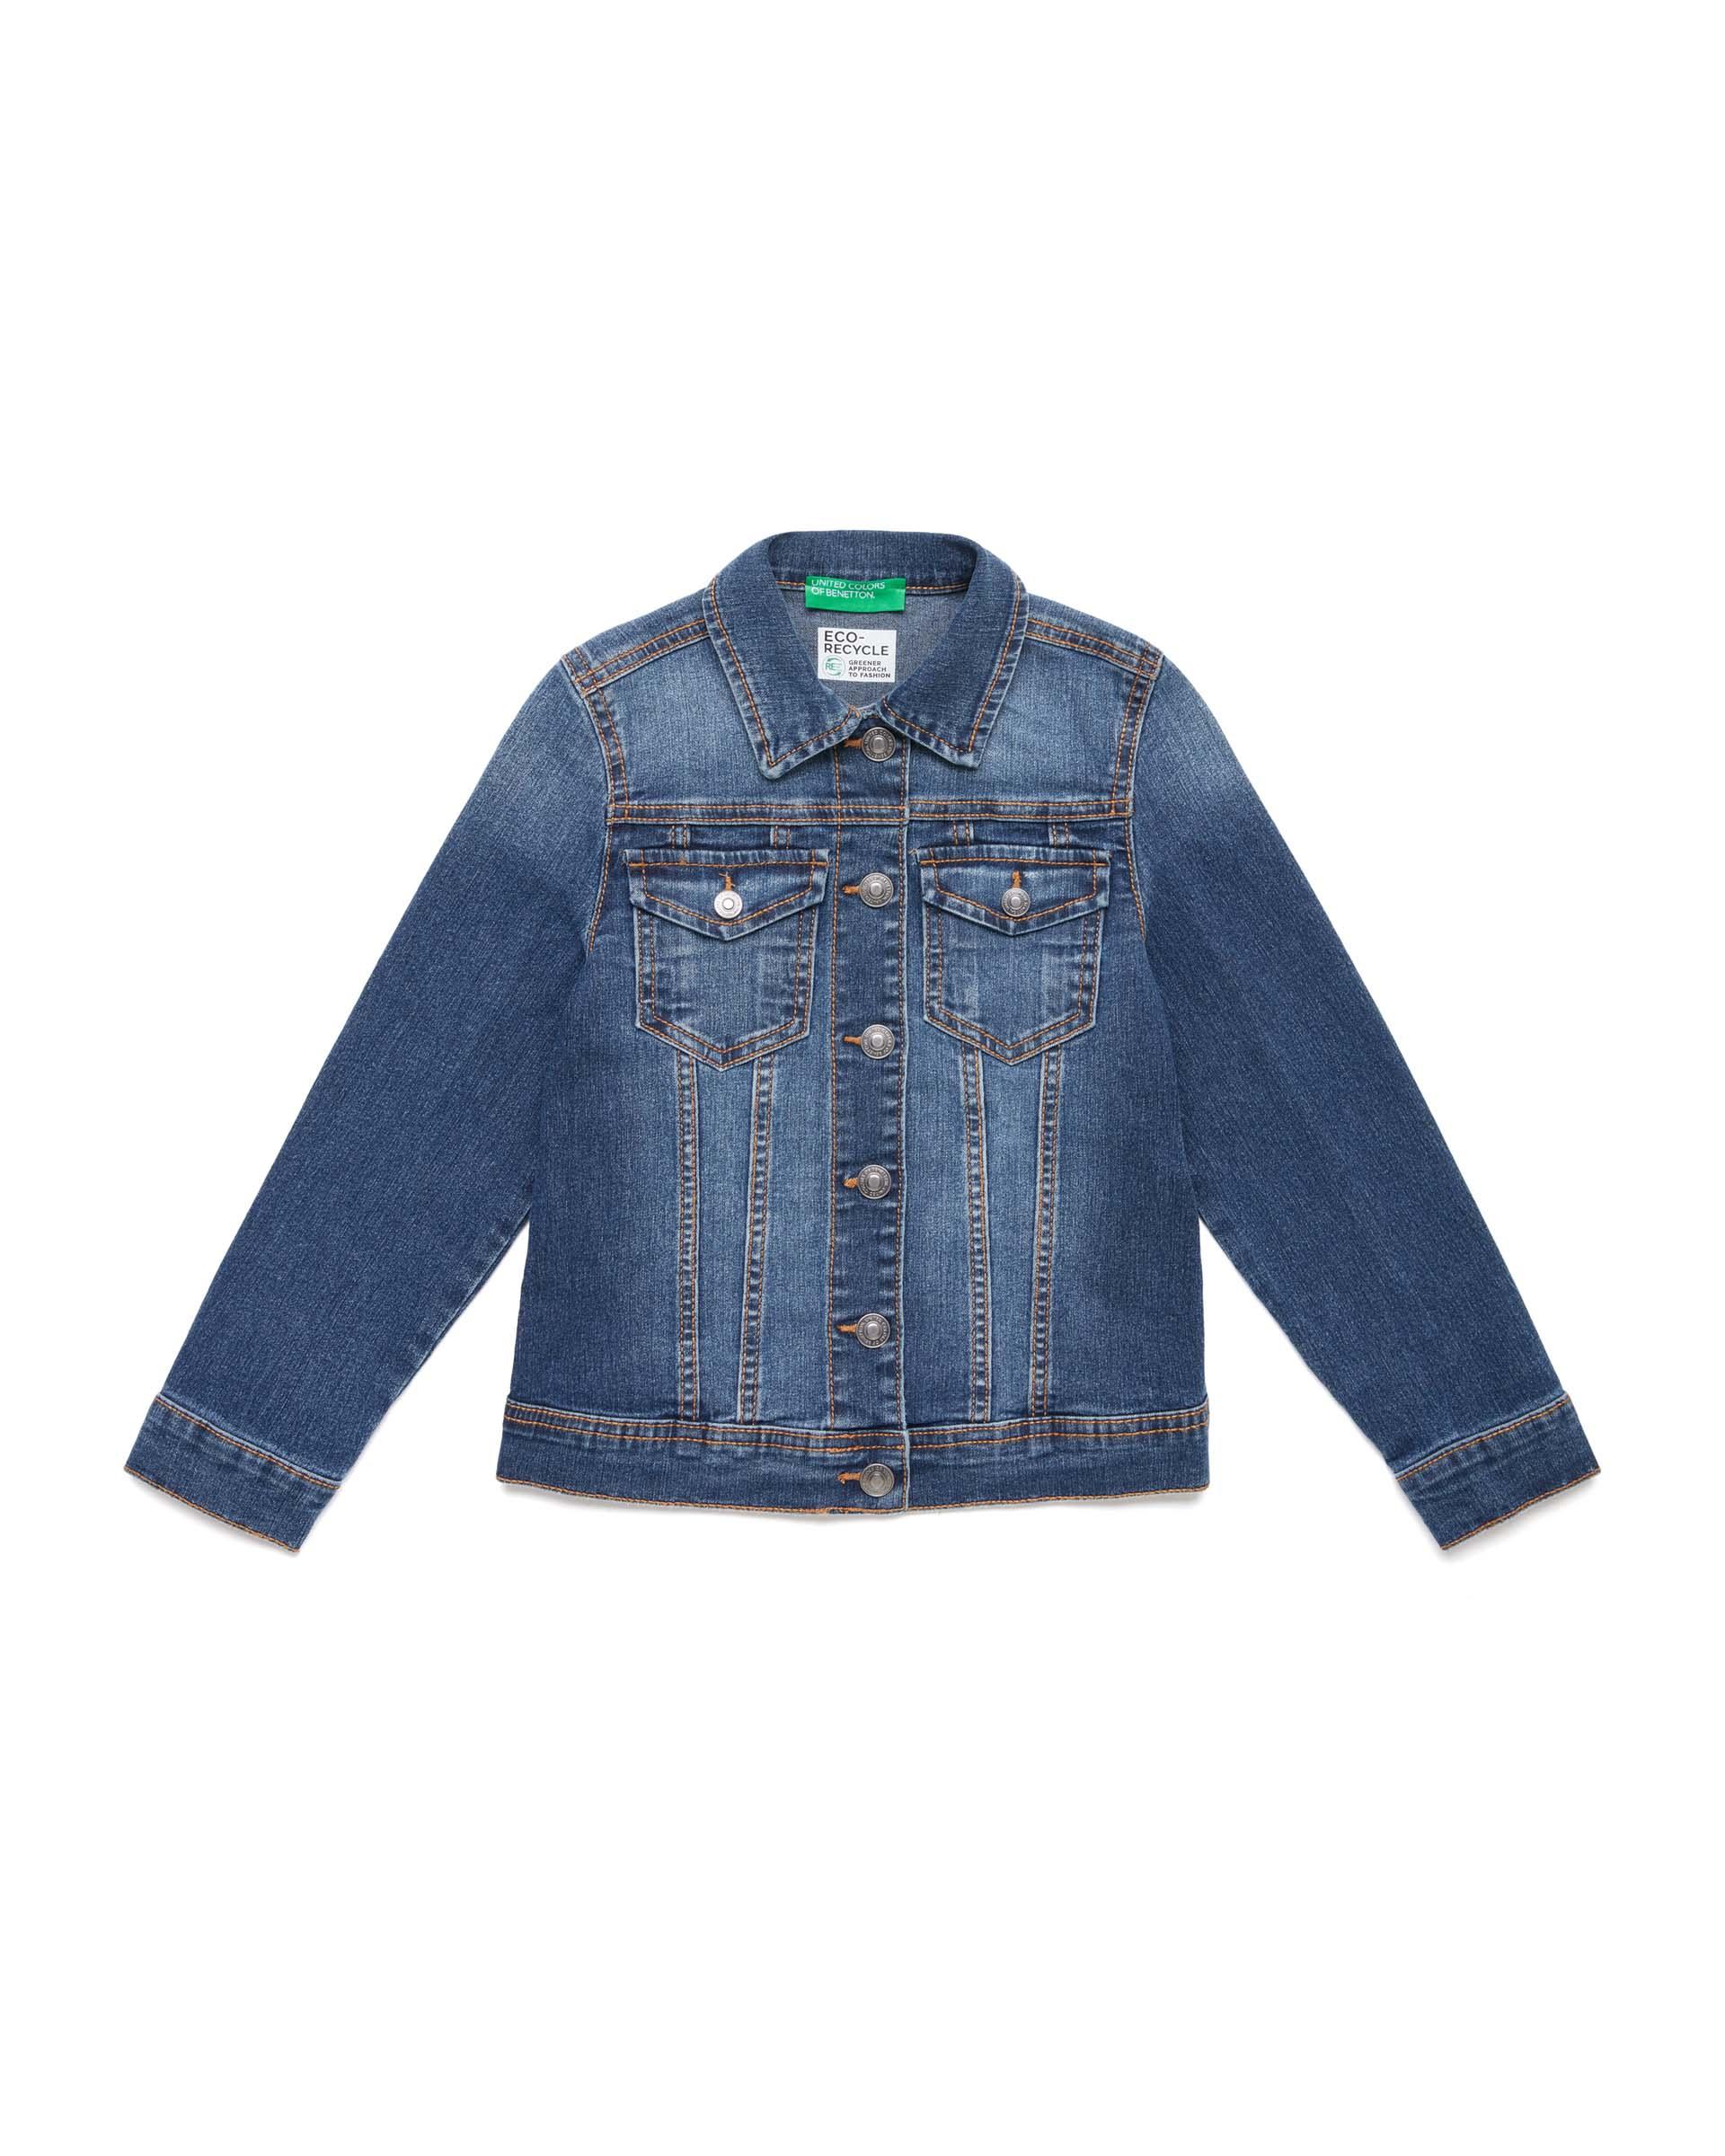 Купить 20P_2XA253HK0_901, Джинсовая куртка для девочек Benetton 2XA253HK0_901 р-р 122, United Colors of Benetton, Куртки для девочек